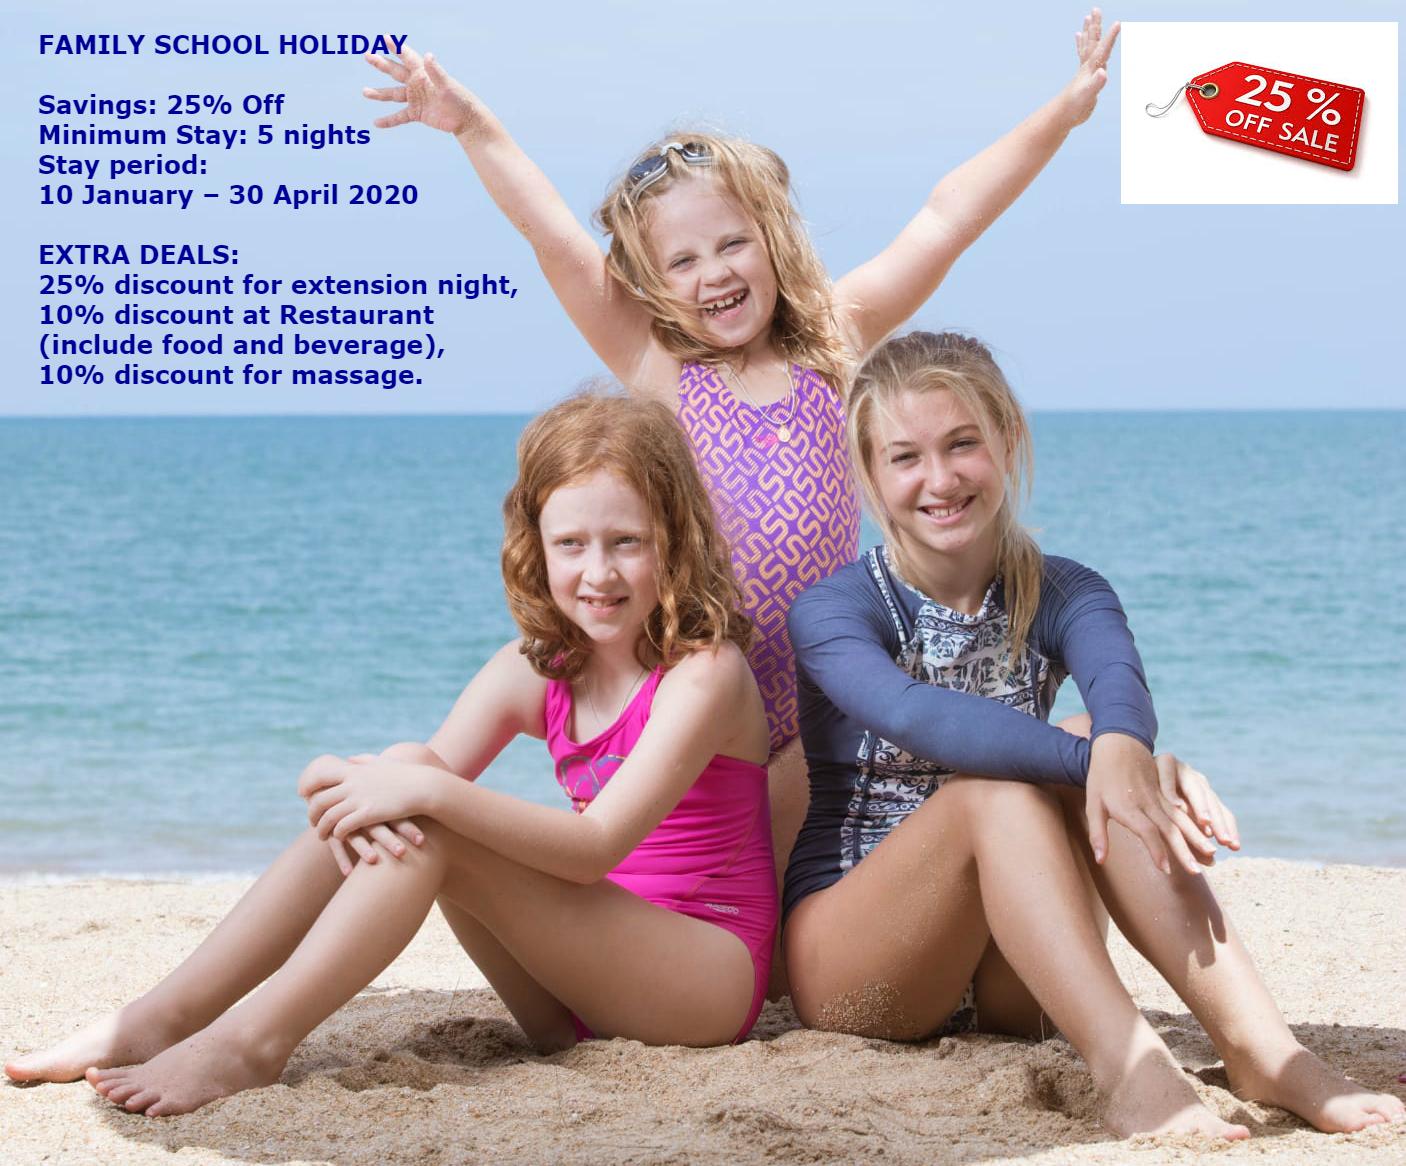 Family School Holiday